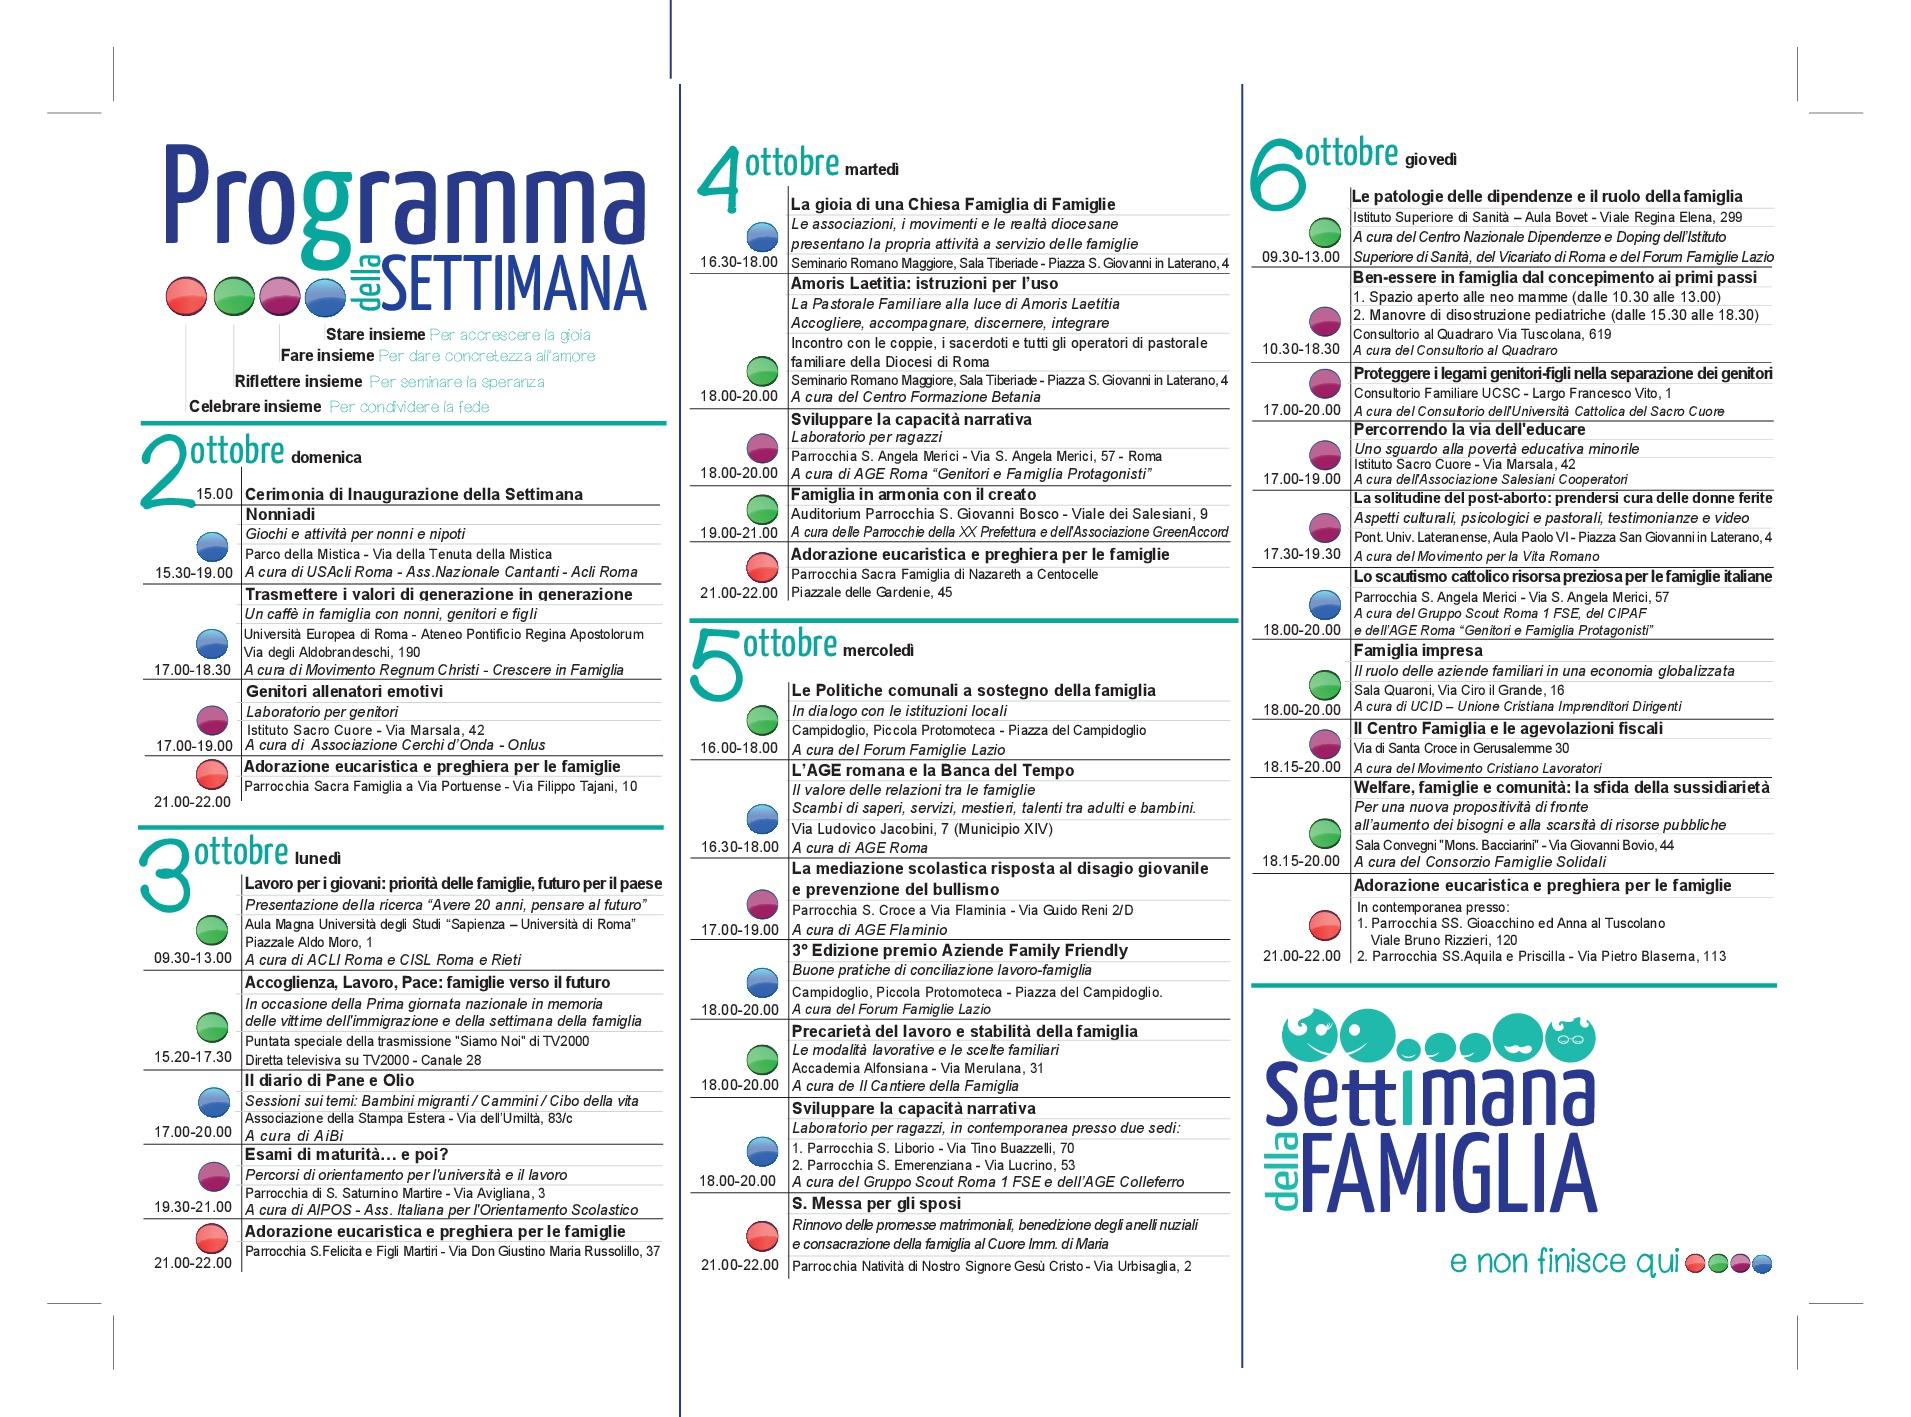 PROGRAMMA-SETTIMANA-FAMIGLIA-002